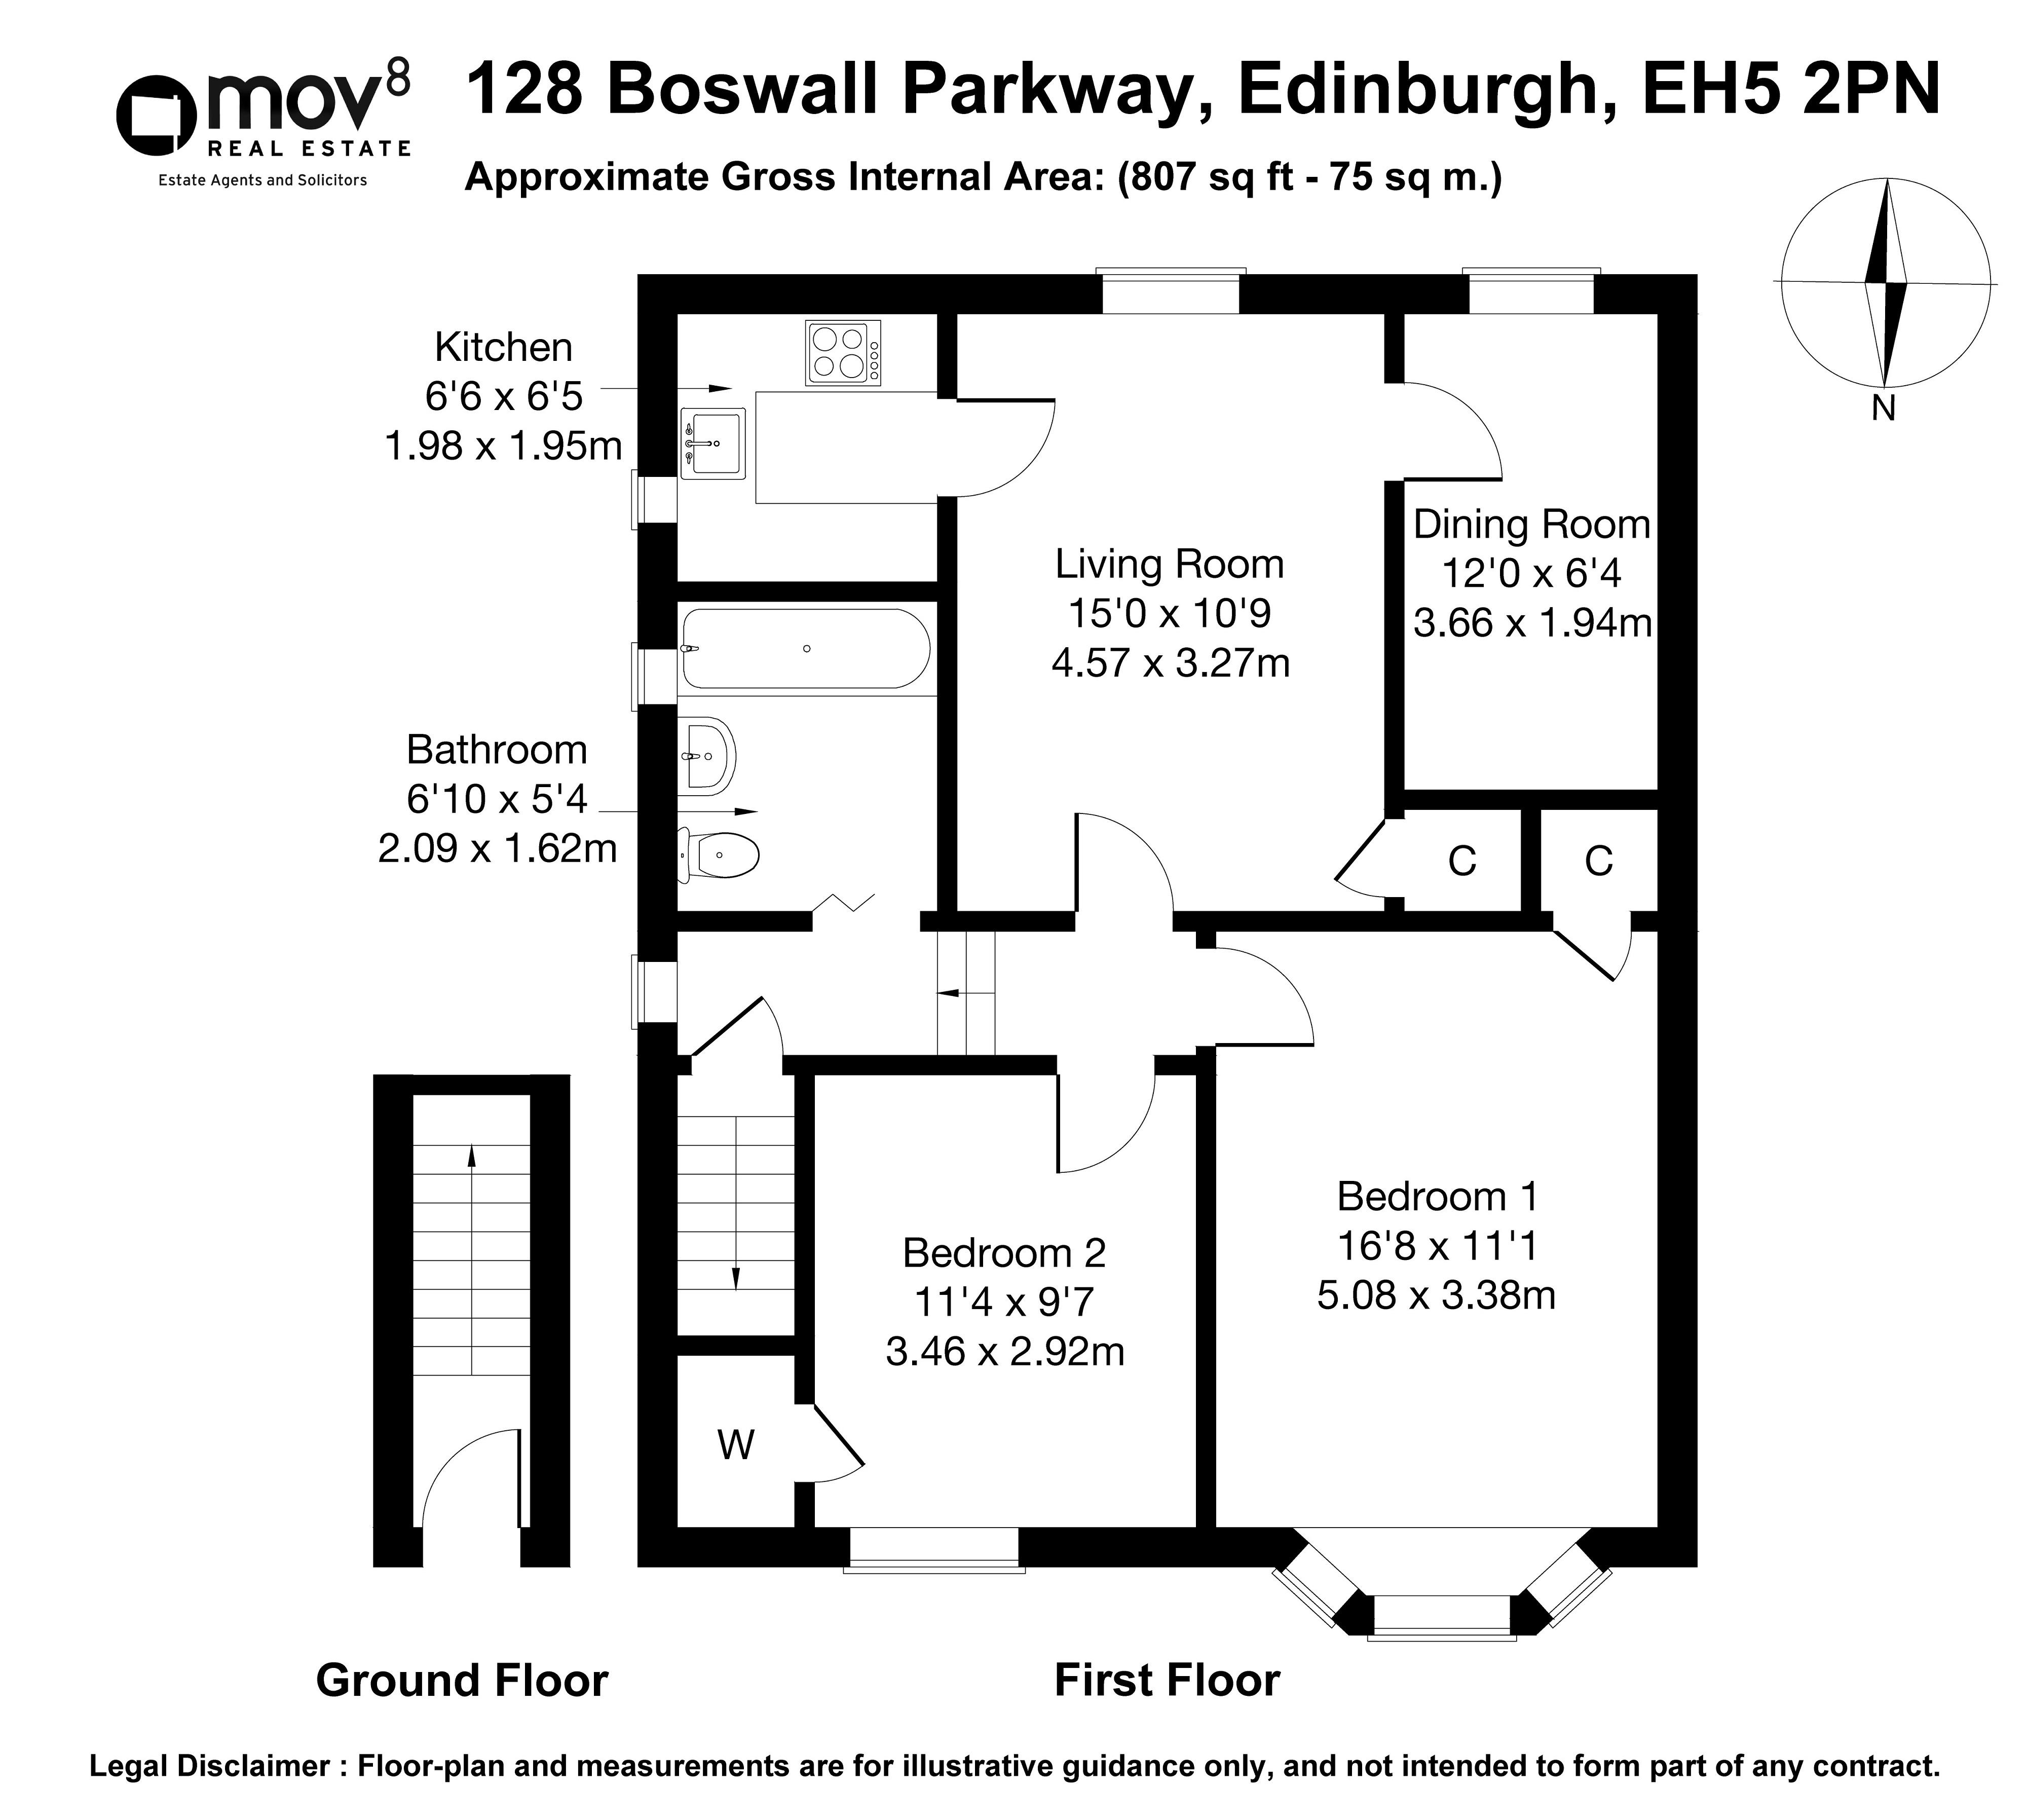 Floorplan 1 of 128 Boswall Parkway, Crewe, Edinburgh, EH5 2PN